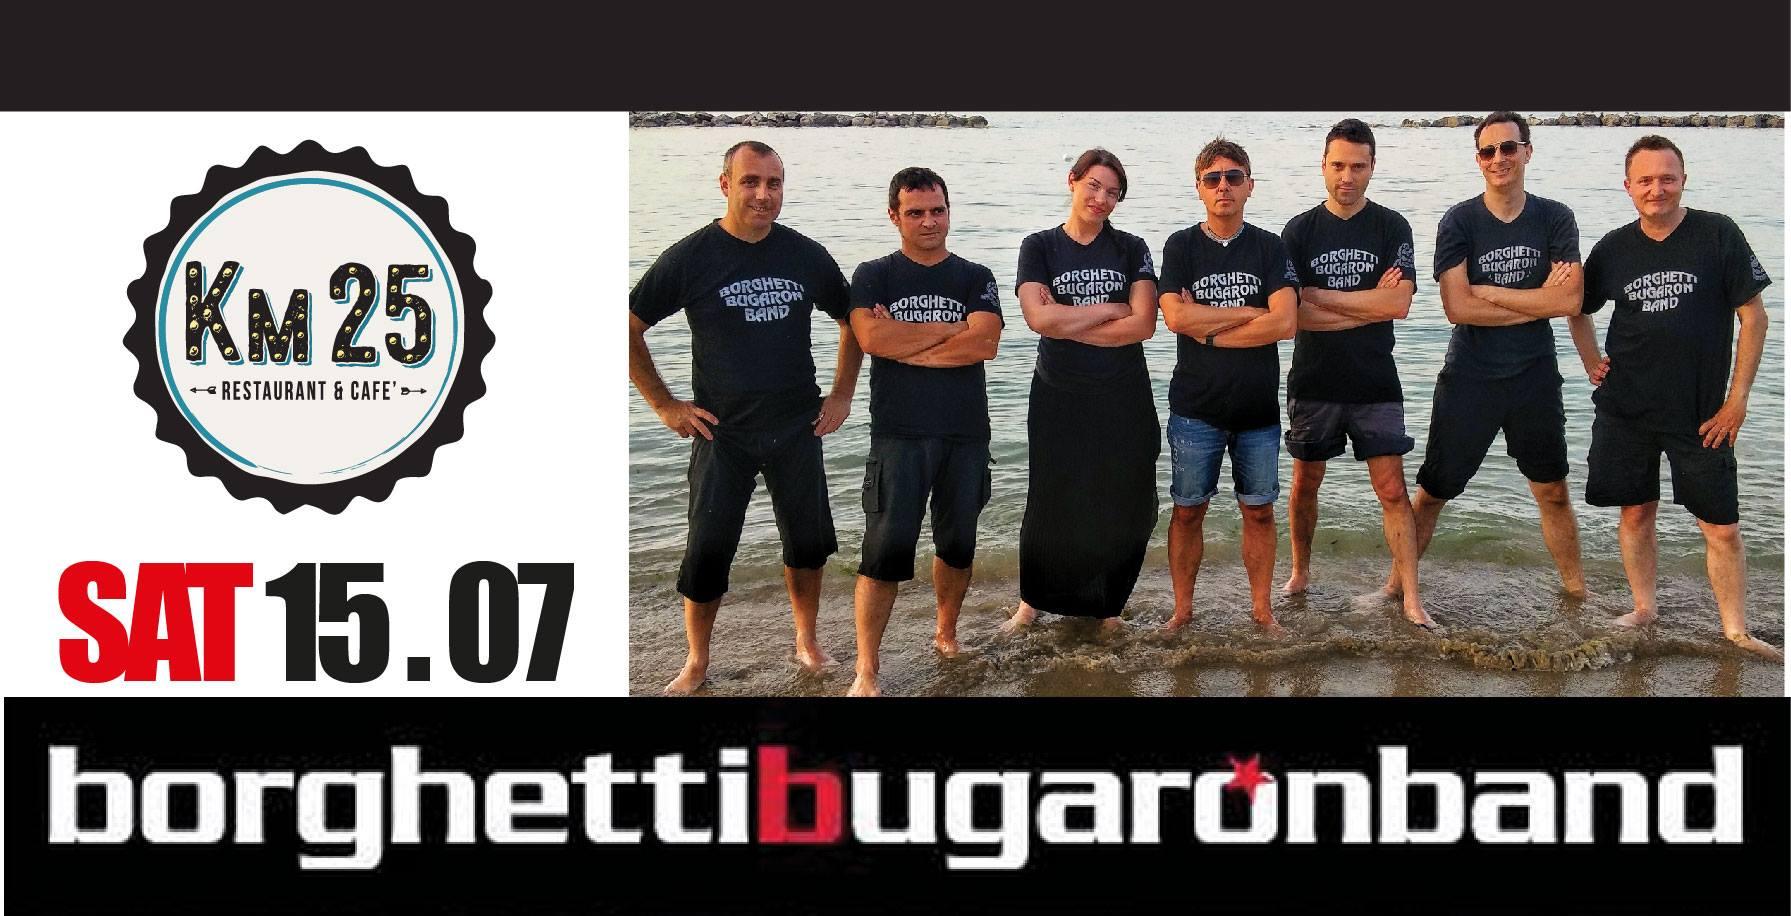 Borghetti Bugaron Band live al Km 25